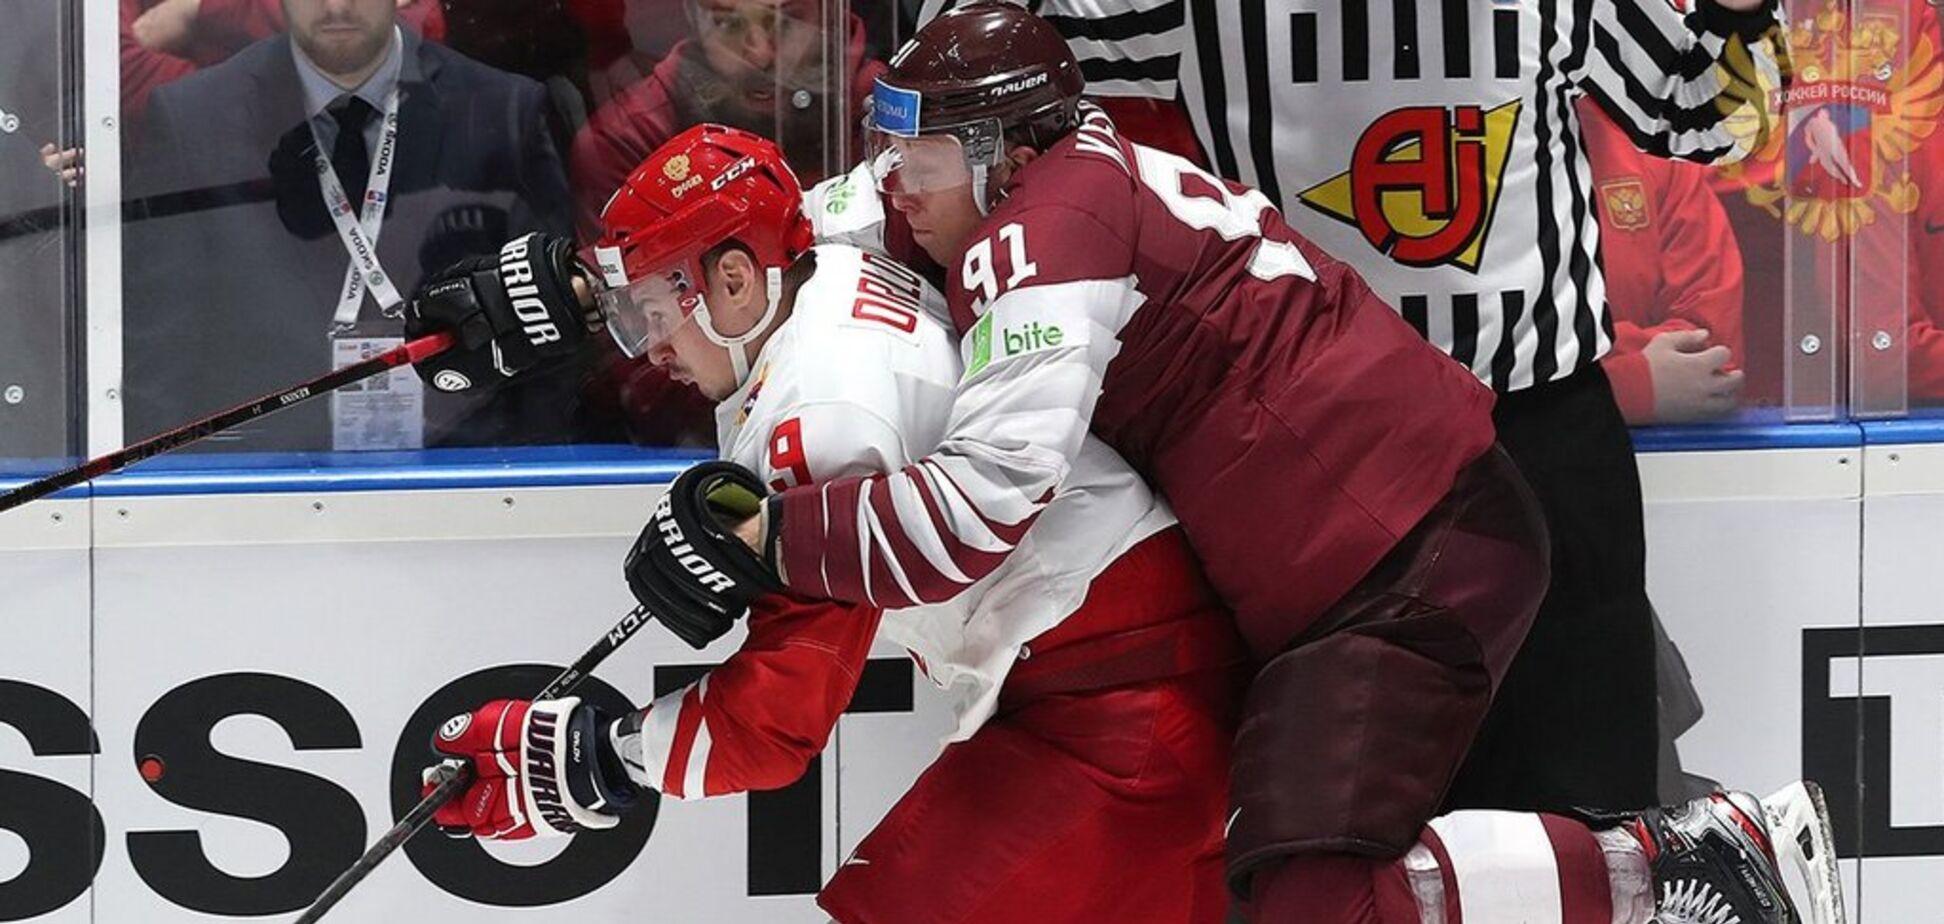 Росії не дали встановити рекорд на чемпіонаті світу з хокею